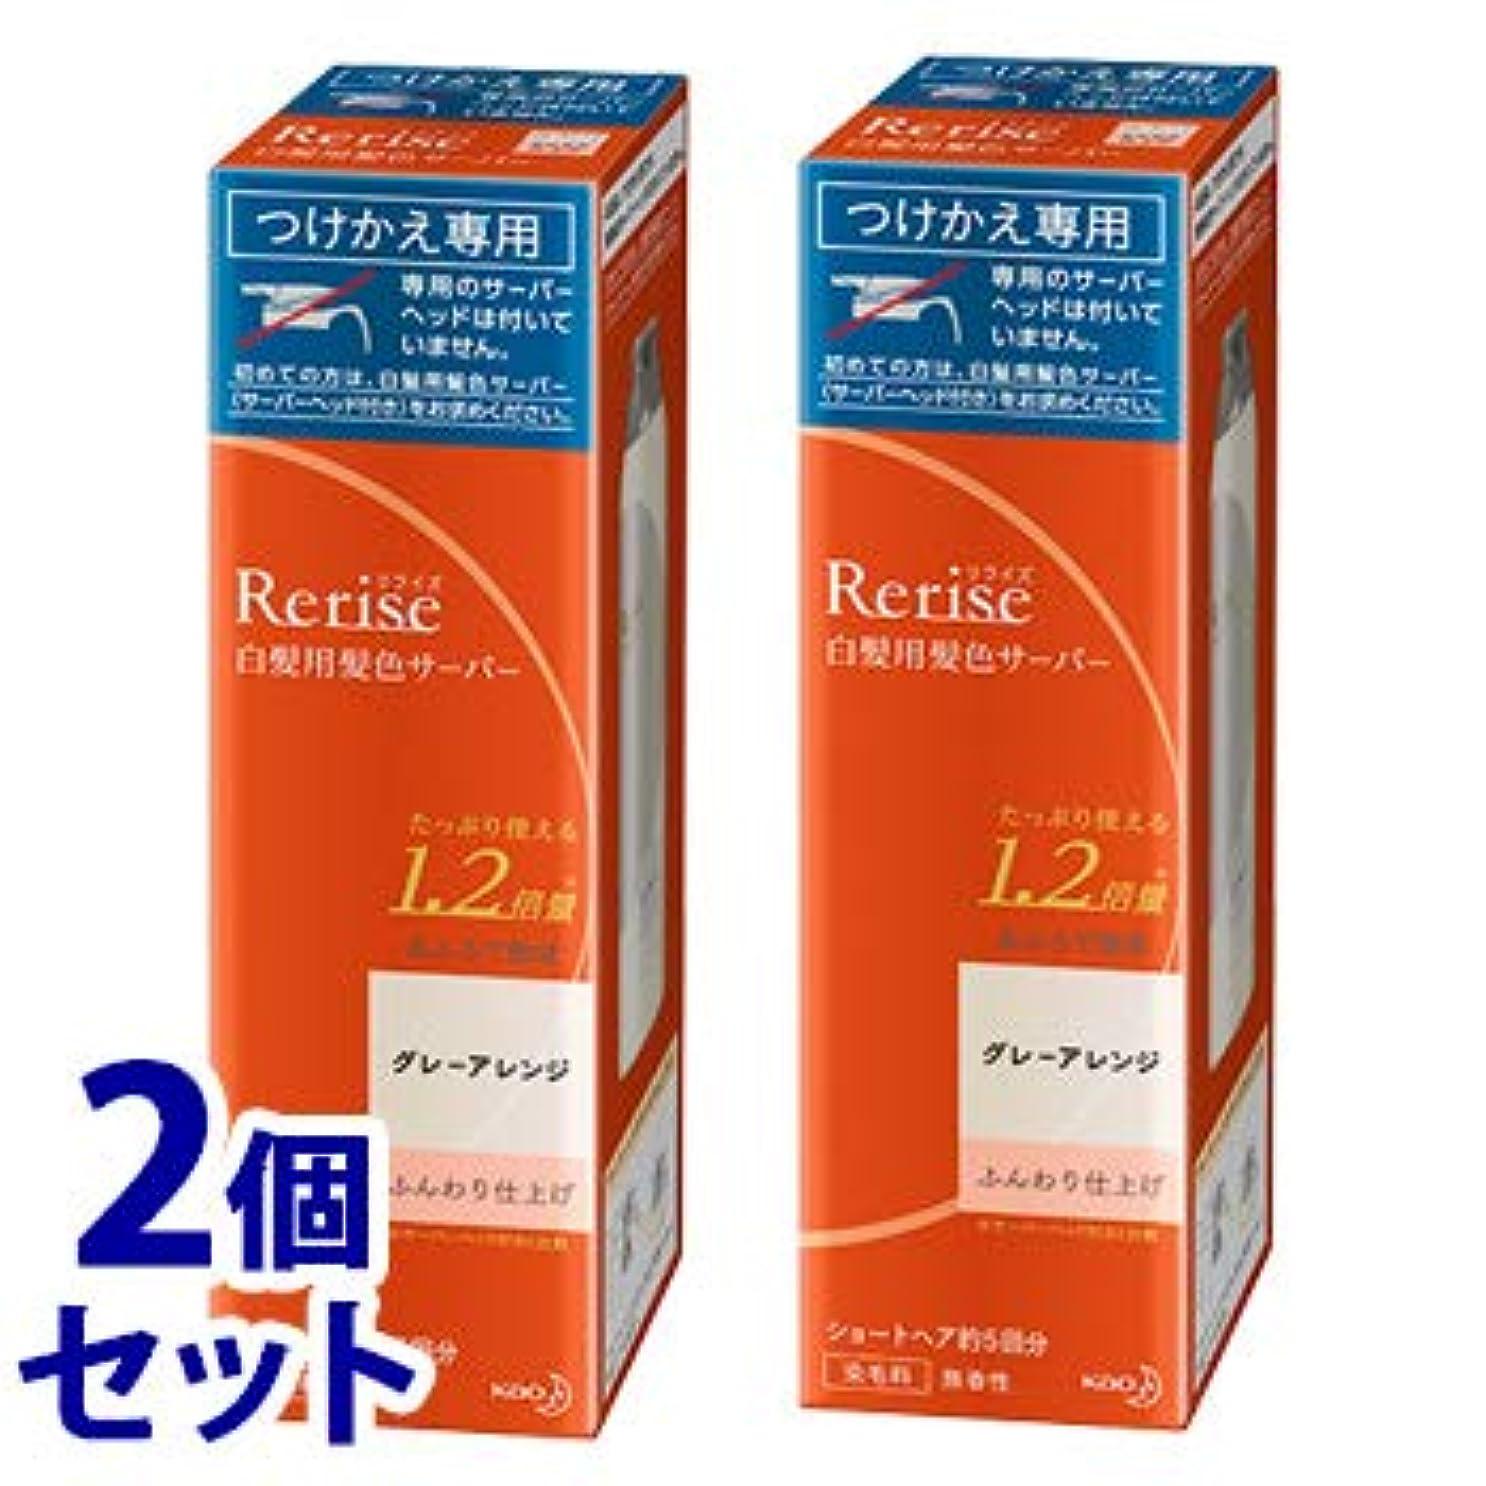 《セット販売》 花王 リライズ 白髪用髪色サーバー グレーアレンジ ふんわり仕上げ つけかえ用 (190g)×2個セット 付け替え用 染毛料